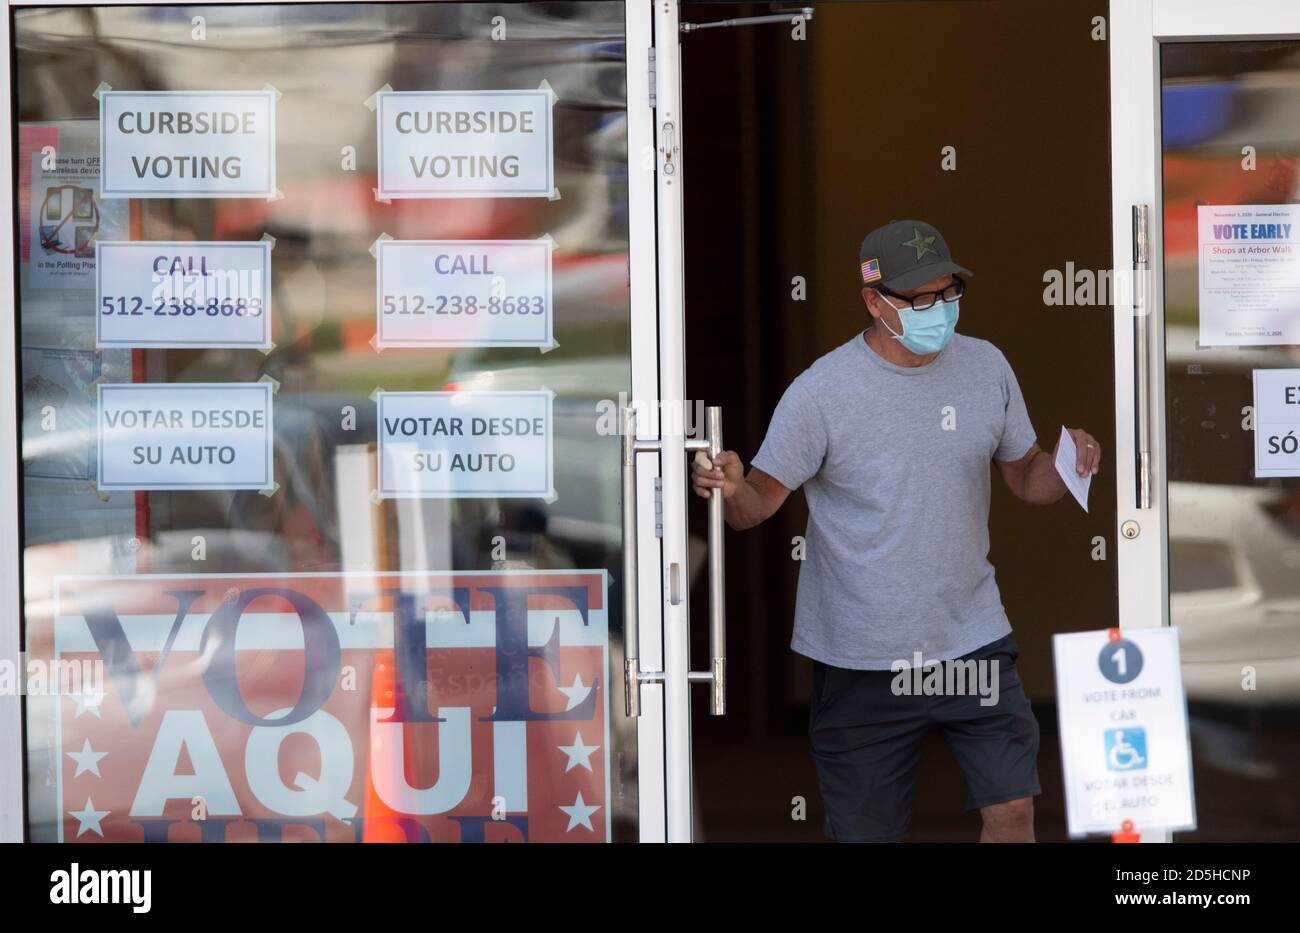 Austin, TX USA, 13. Oktober 2020: Ein Wähler verlässt diese Wahlstelle im Norden von Austin am ersten Tag der vorzeitigen Wahl in Texas. Regierungsvertreter der Landtagswahlen berichten von Rekordzahlen früher Wähler und nur geringfügigen Verarbeitungsproblemen, da bis Mittag 14,000 Stimmzettel abgeworfen wurden. Kredit: Bob Daemmrich/Alamy Live Nachrichten Stockfoto